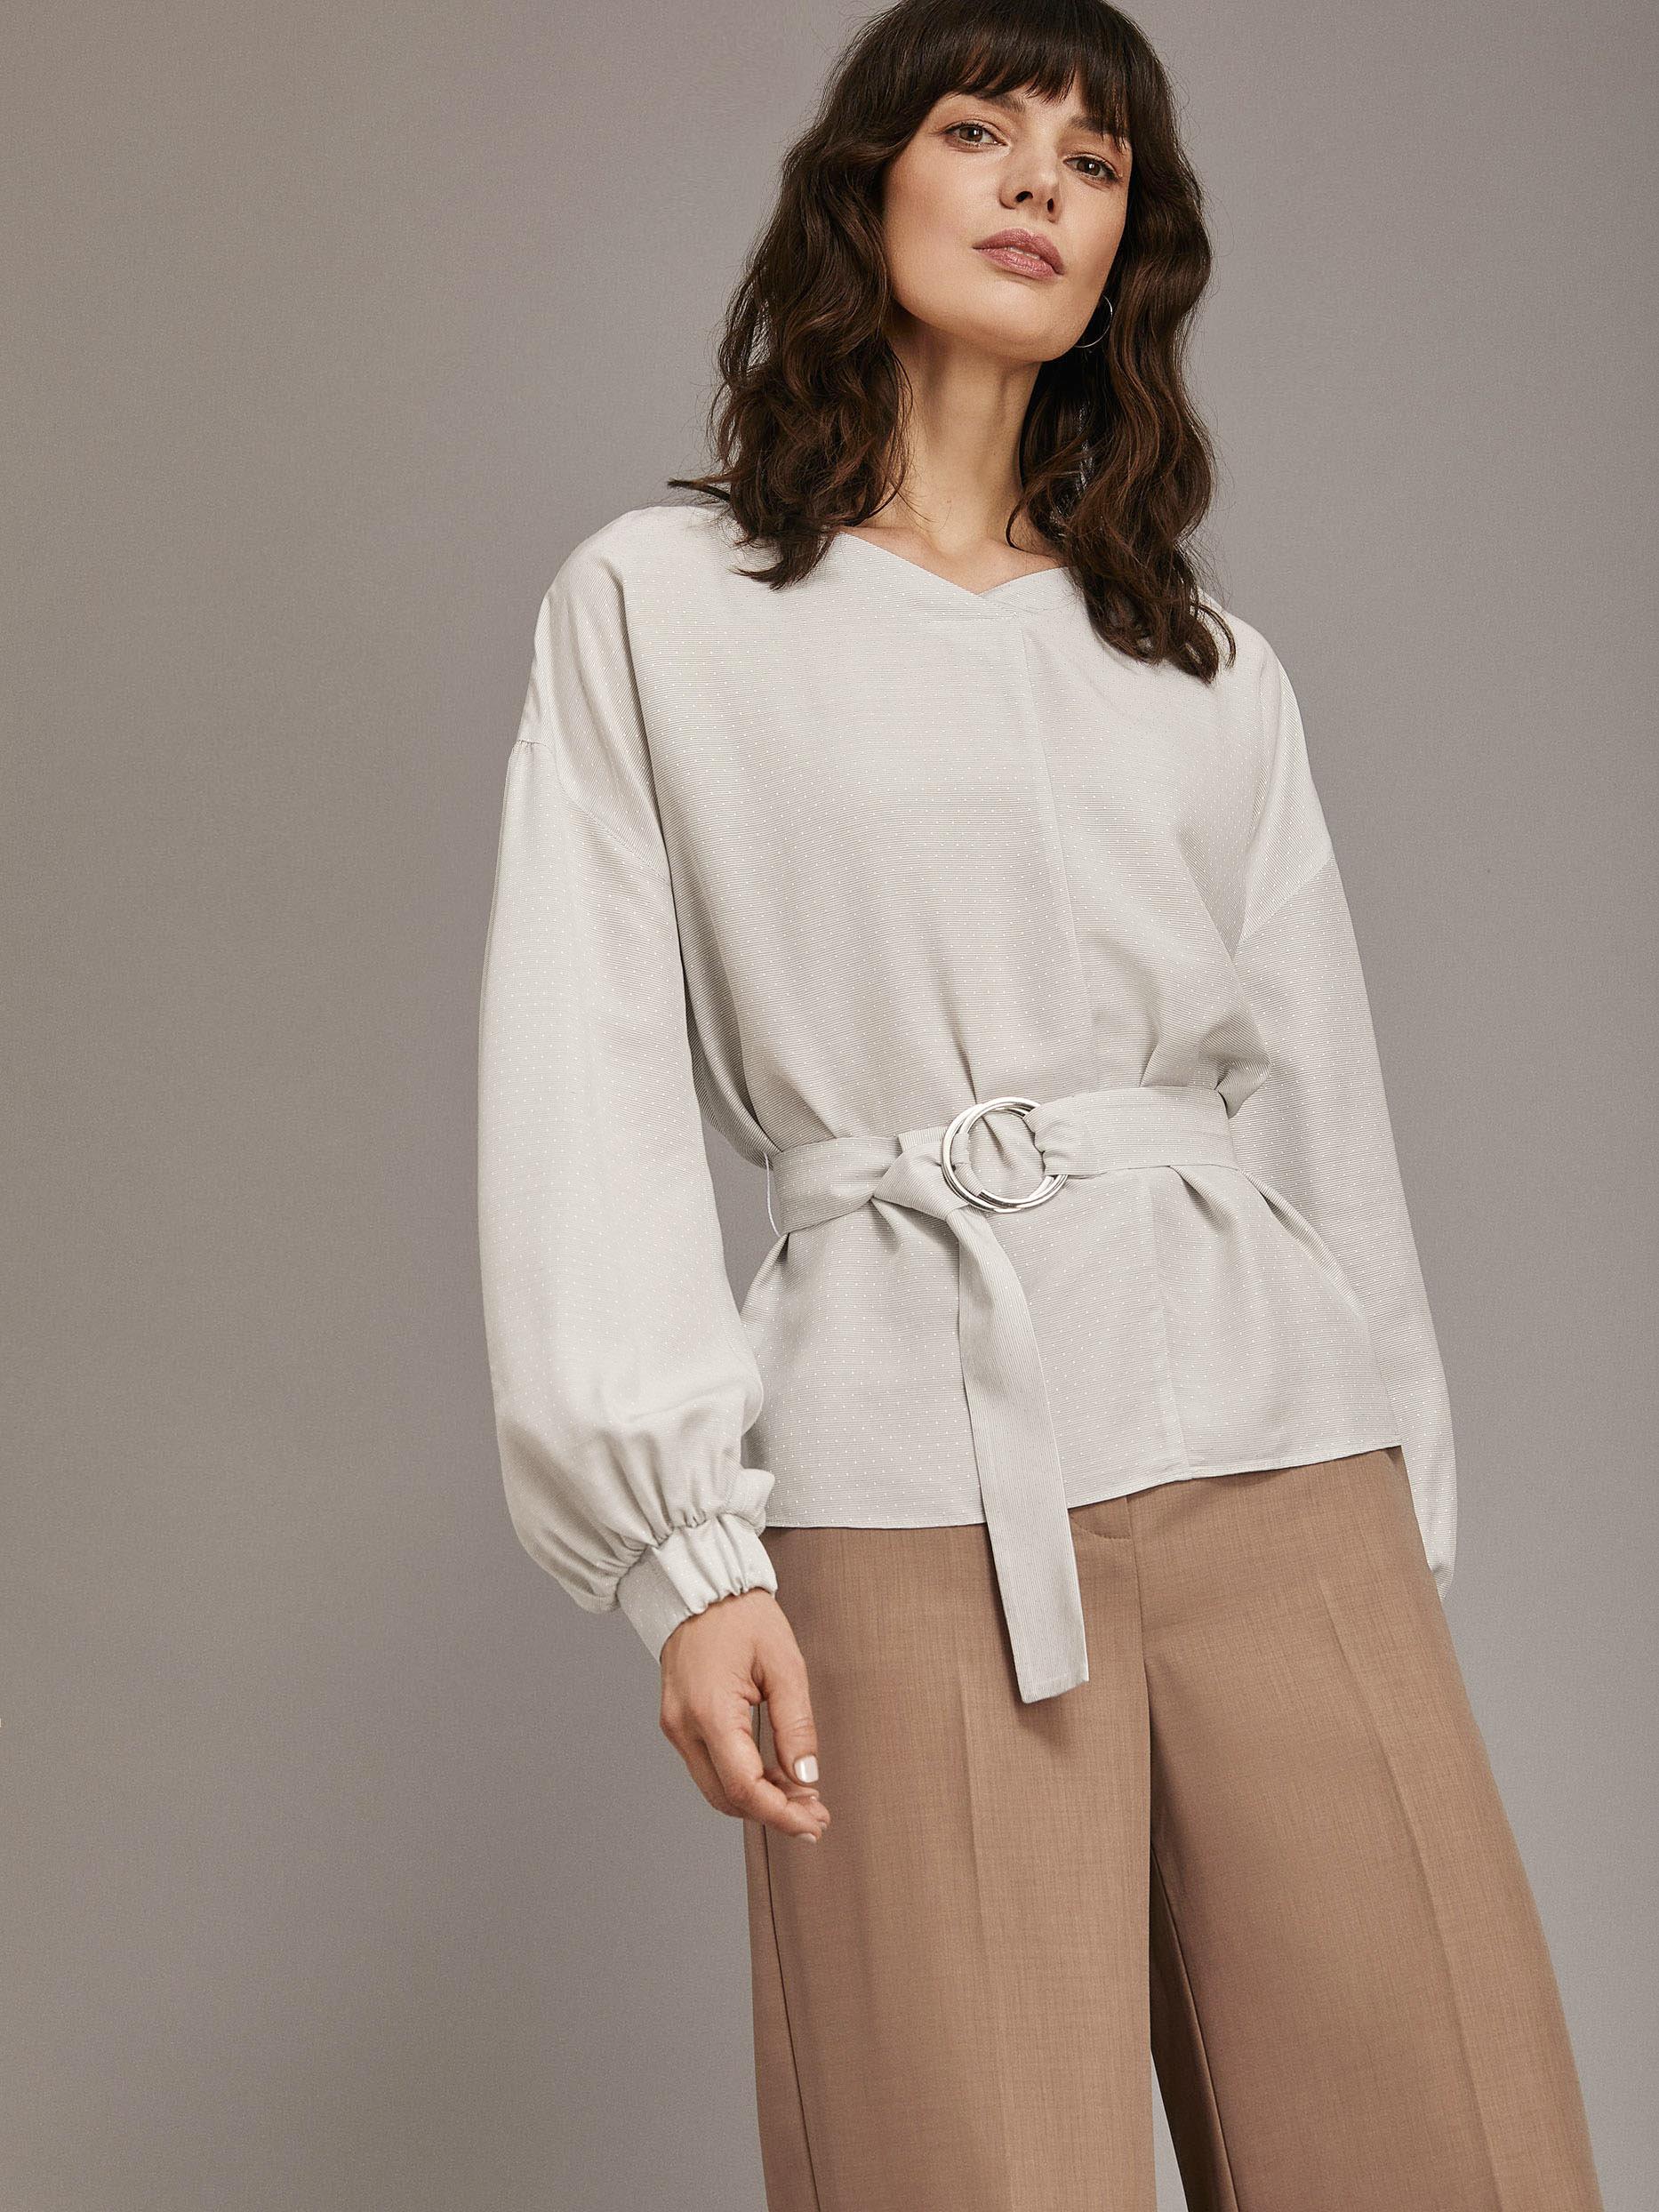 Блуза с объемными рукавами и поясом фото